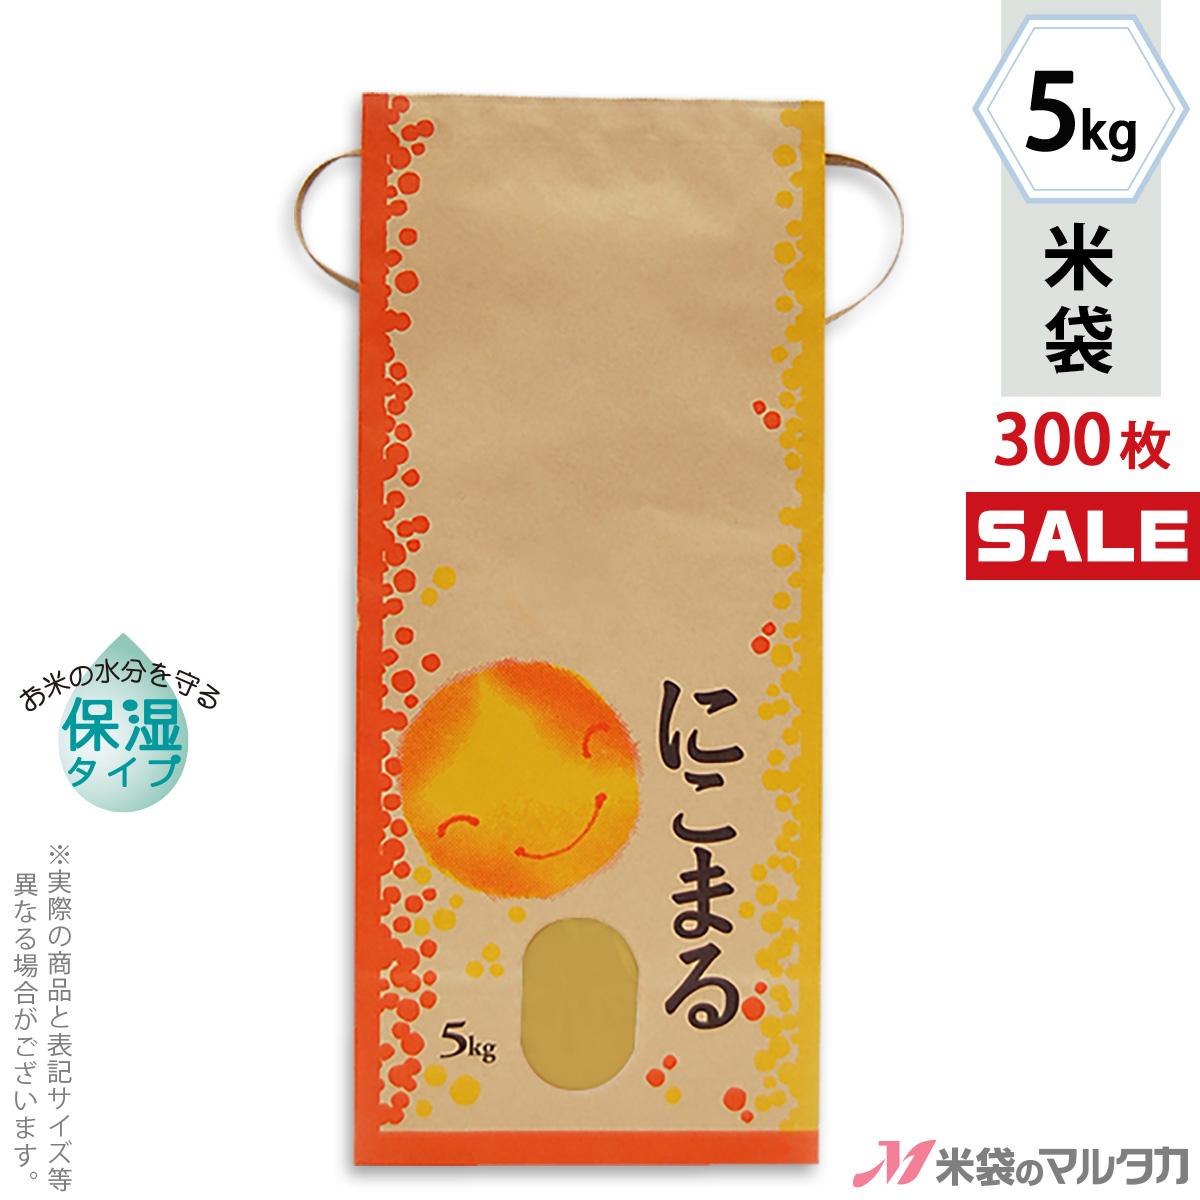 <キャンペーン対応>米袋 KHP-024 マルタカ クラフトSP 保湿タイプ にこまる にこやか 5kg用紐付 【米袋5kg】【1ケース(300枚入)】